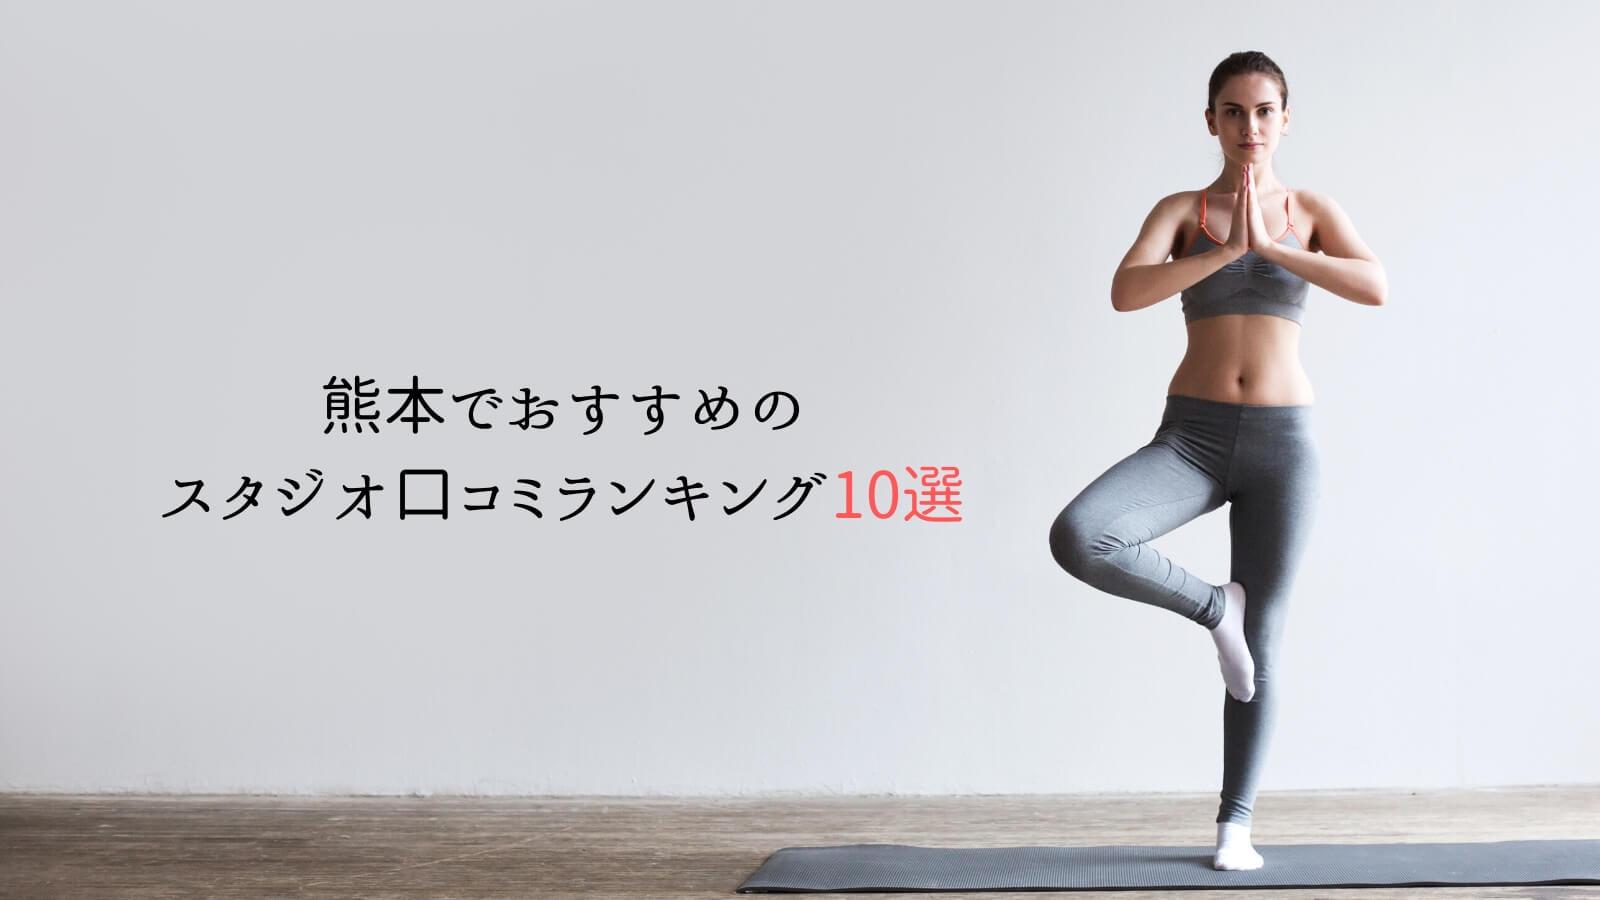 熊本でおすすめのホットヨガスタジオ口コミランキング10選